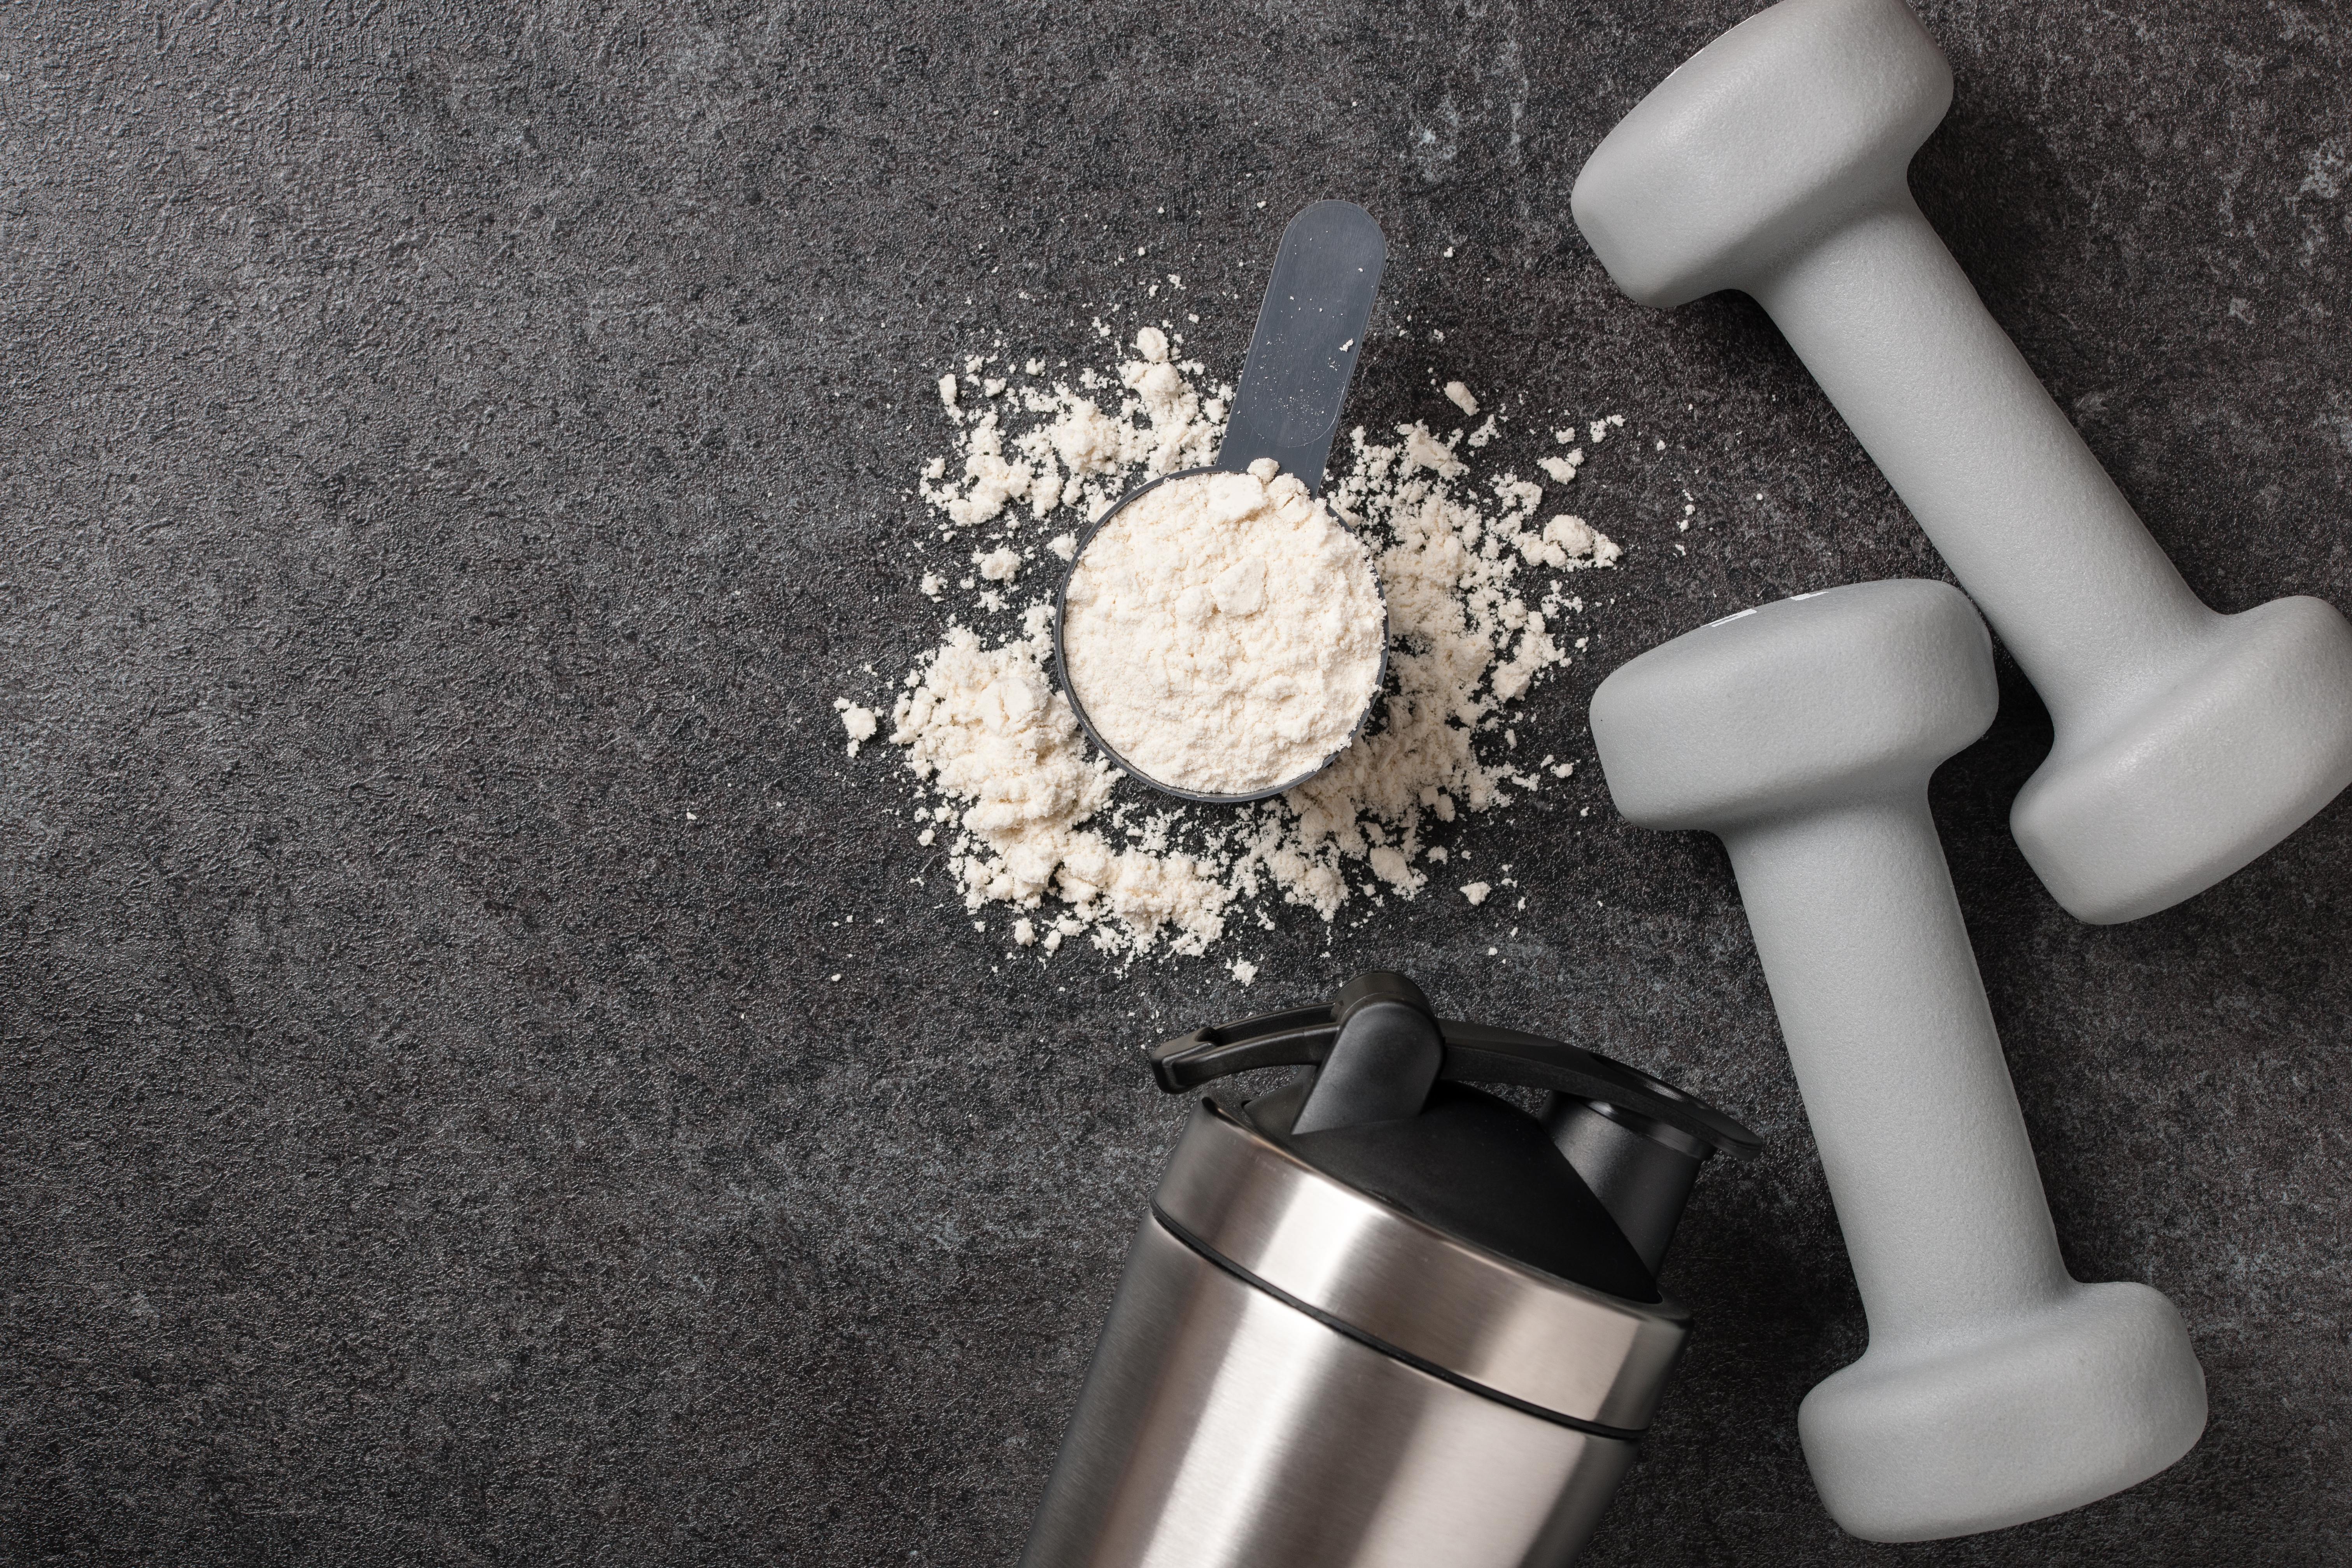 Protein tozu kemiklerde erimeye yol açabiliyor #2